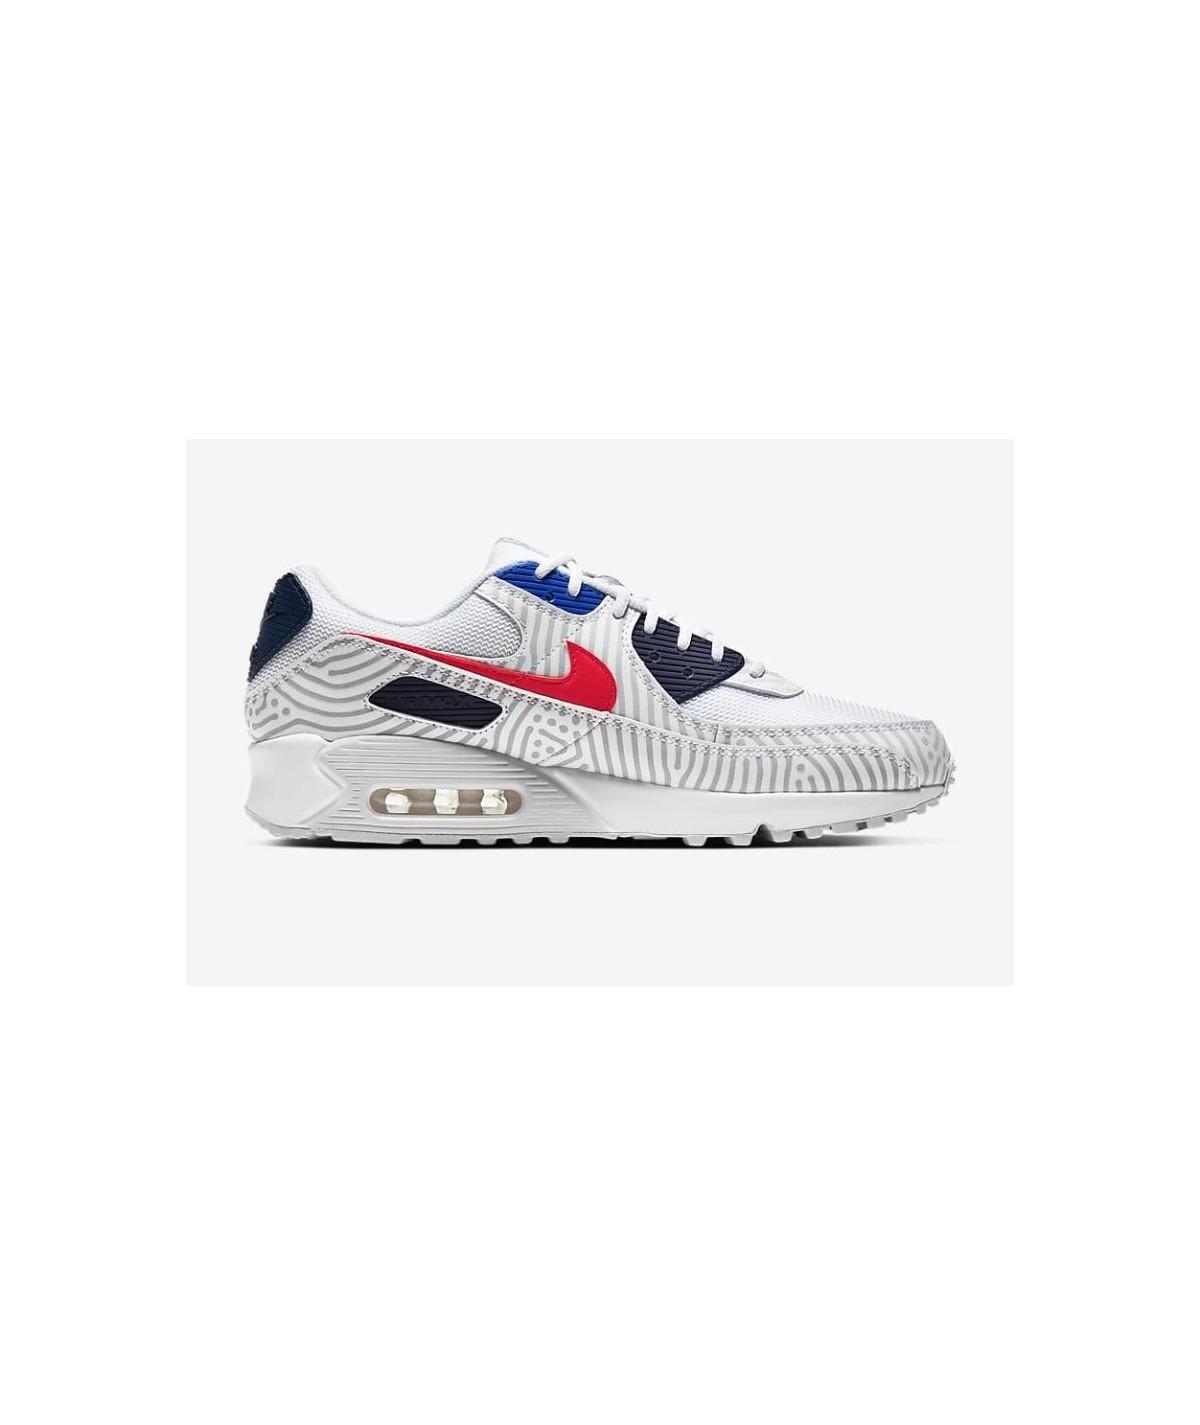 Nike Air Max 90 I CW7574-100 I Chaussure homme I Maroc